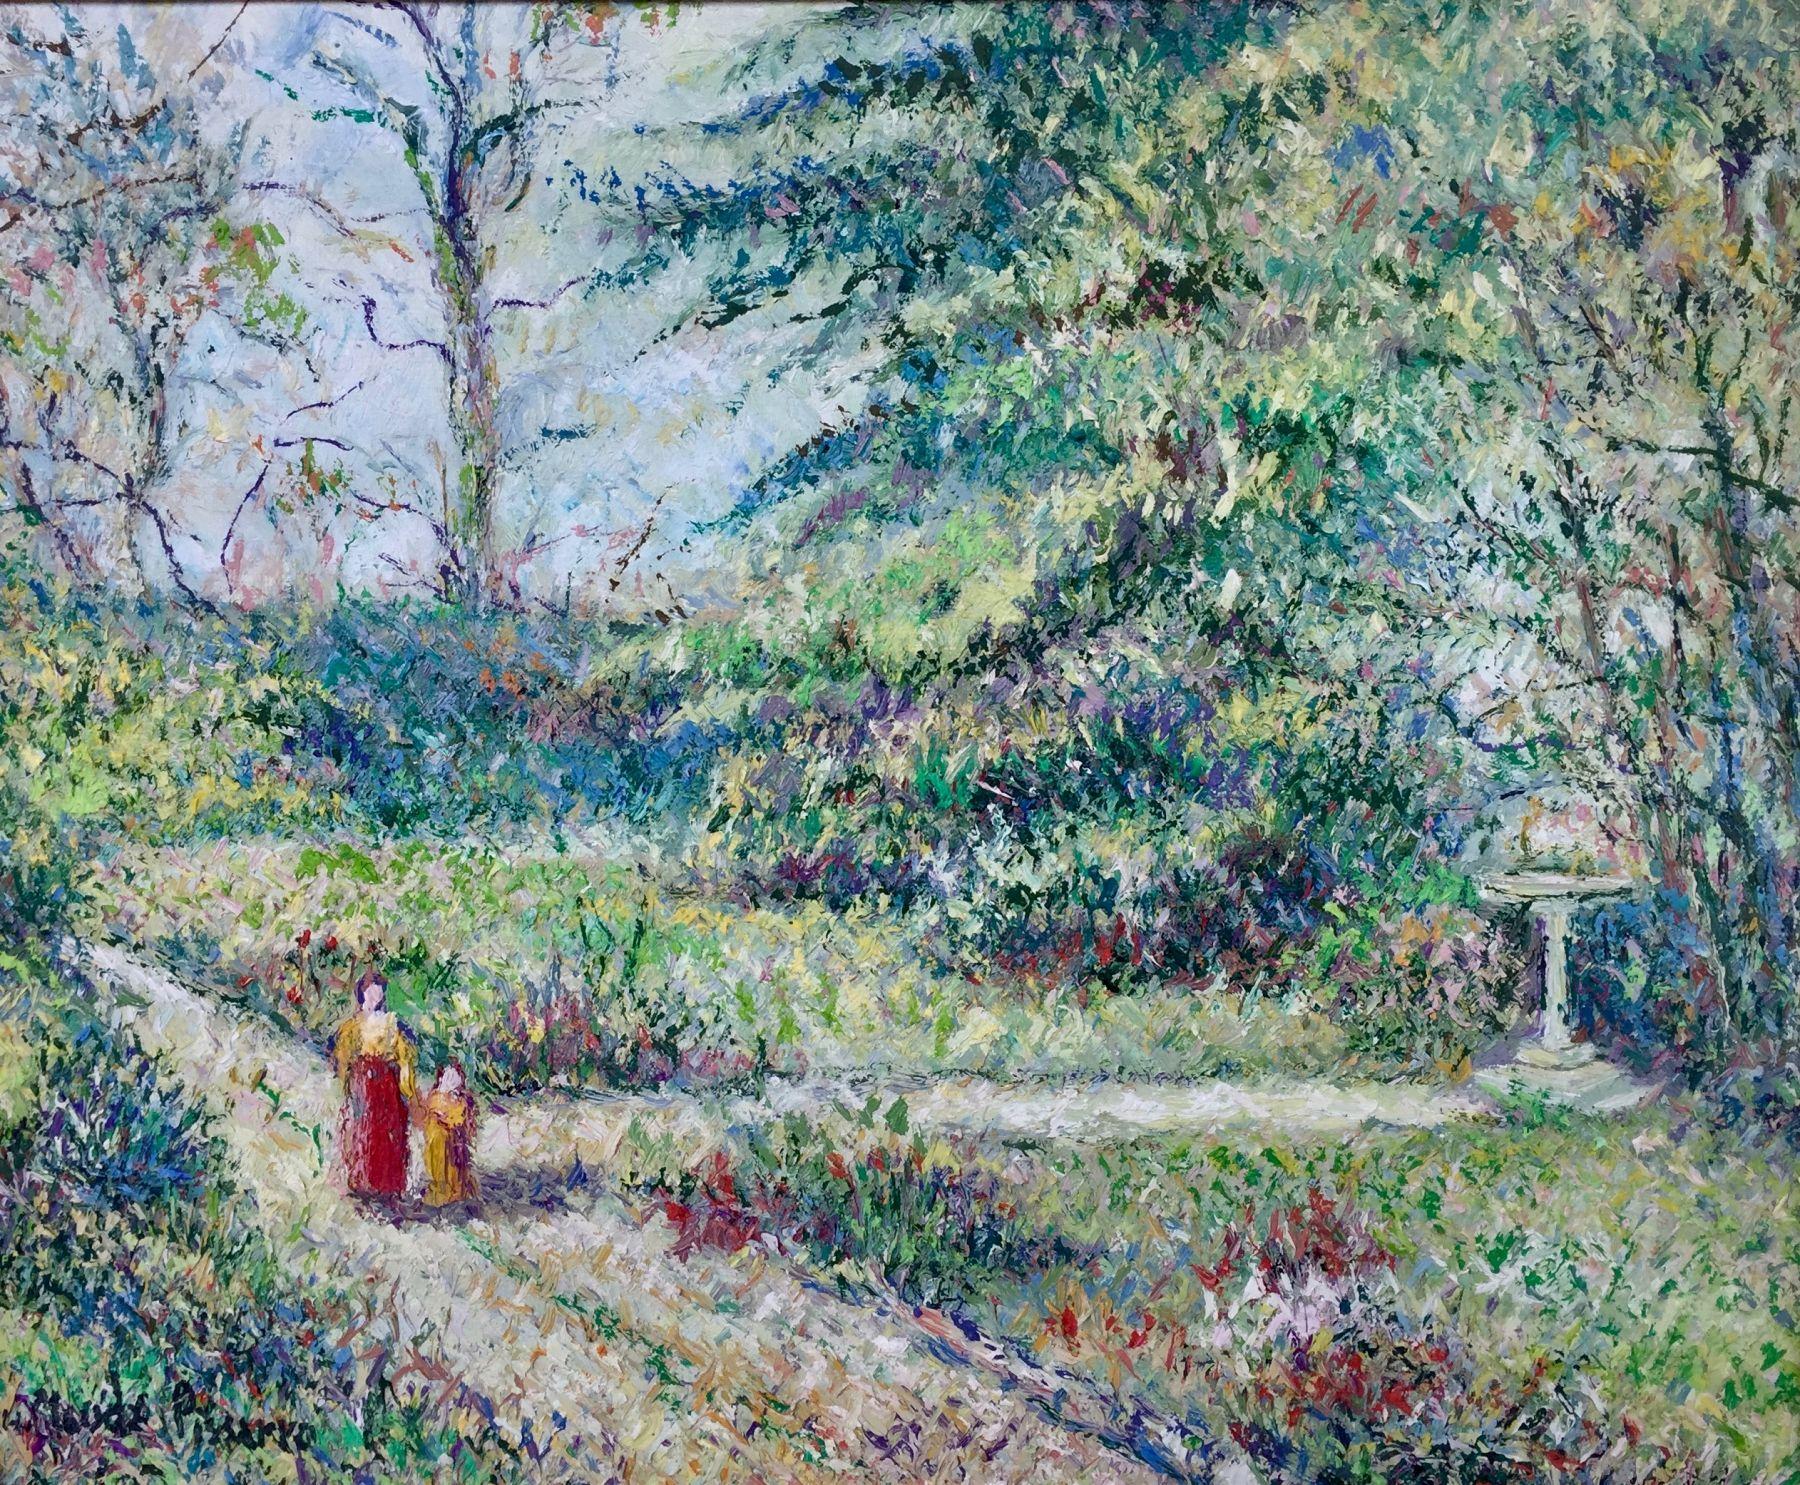 H. C. Pissarro, Le Jardin du Moulin, oil on canvas